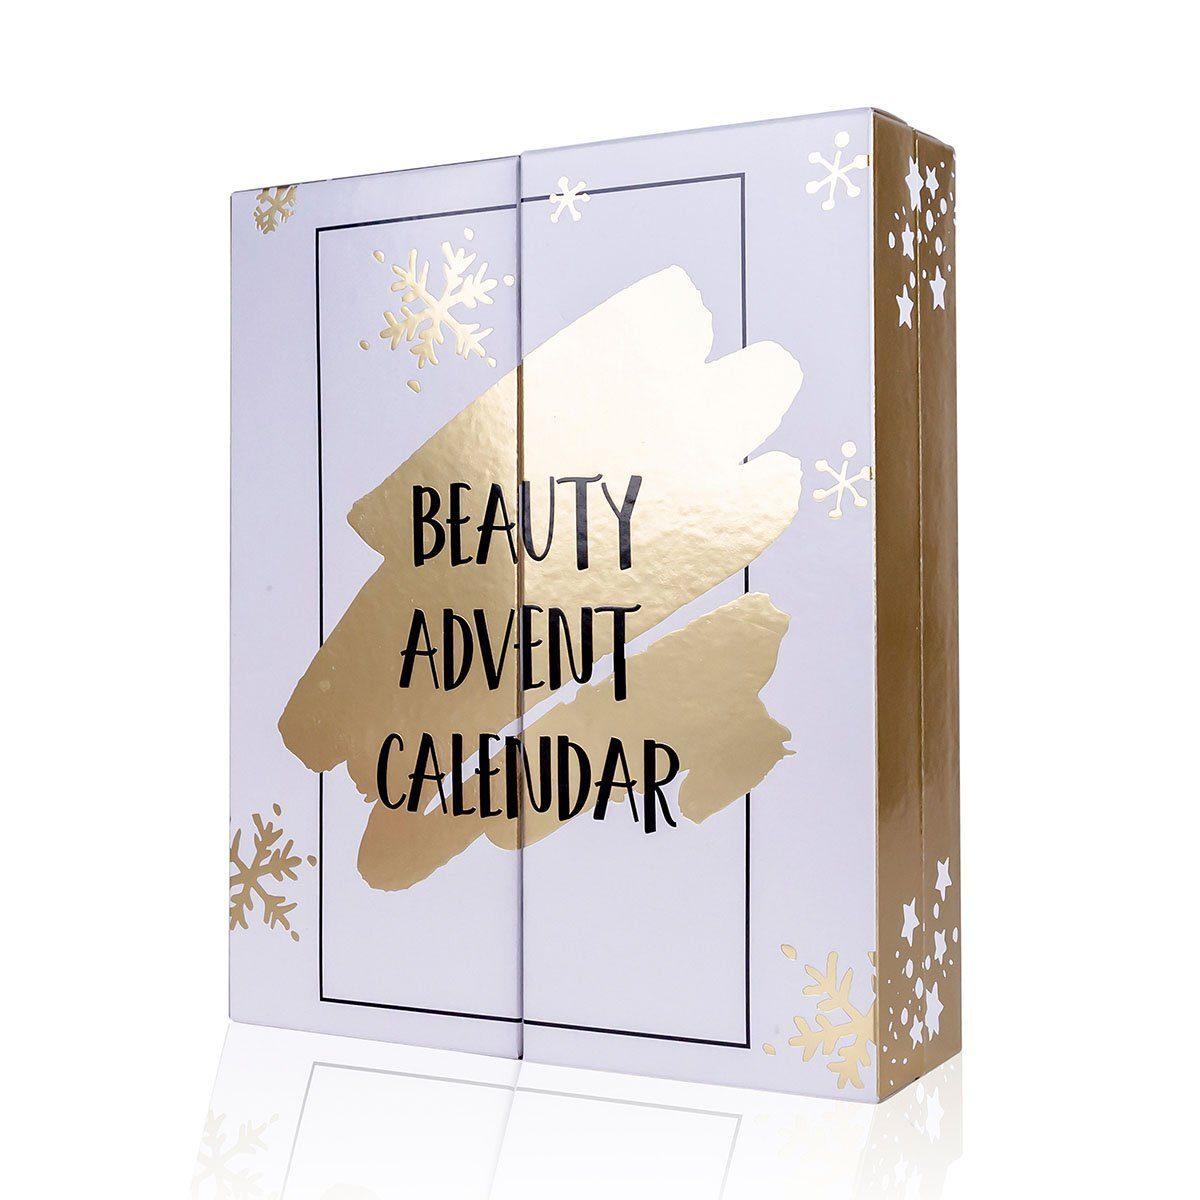 ACCENTRA Make-up Adventskalender für Frauen